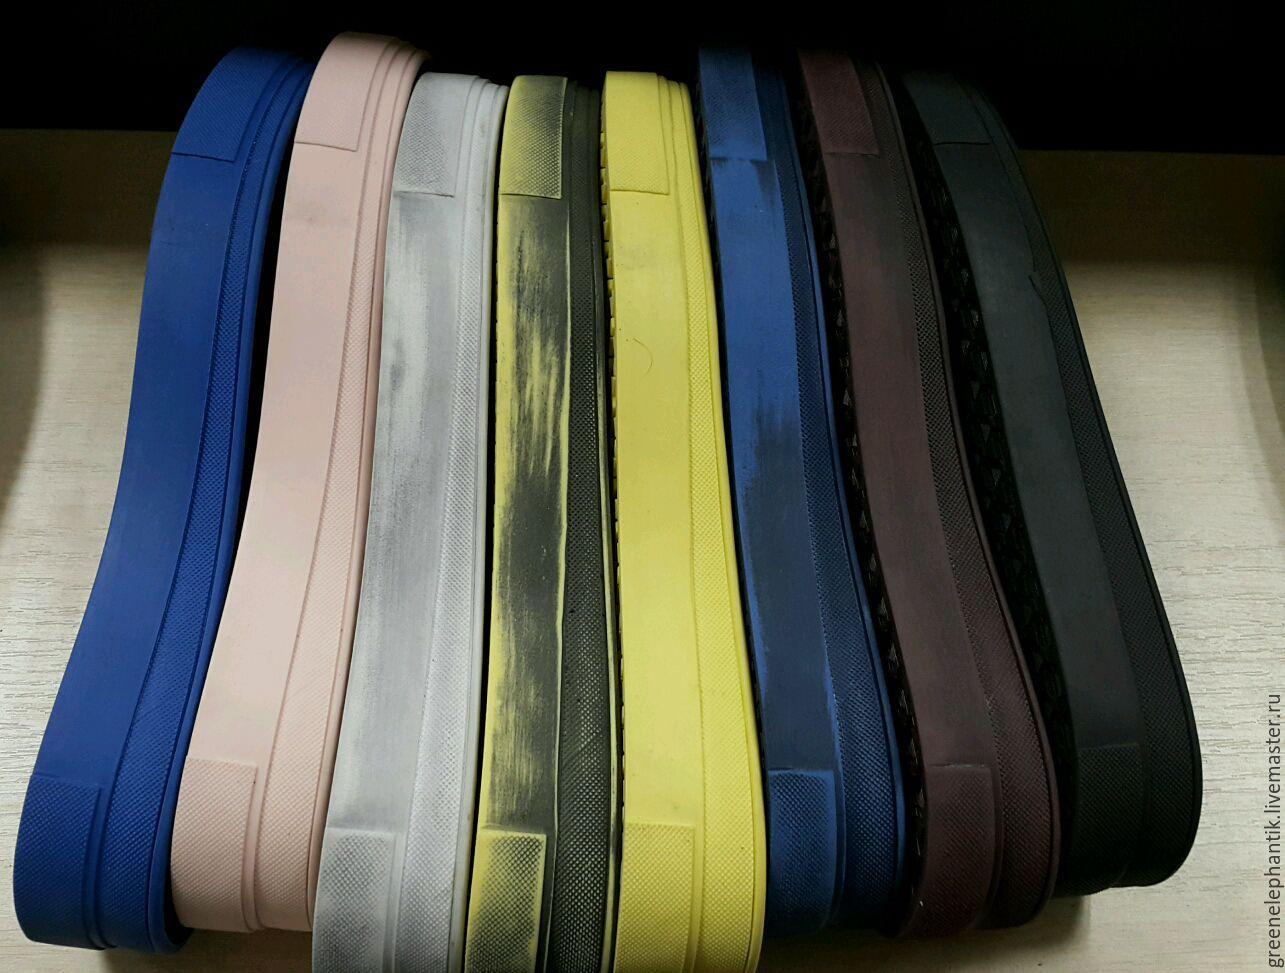 Подошва ` Katja` для слипонов В наличии как однотонная, так и тертая. Белый, черный, синий, темно синий,  бордо, розовый, красный, желтый. И все эти цвета есть тертые. Цена для однотонной. Тертая 5 $